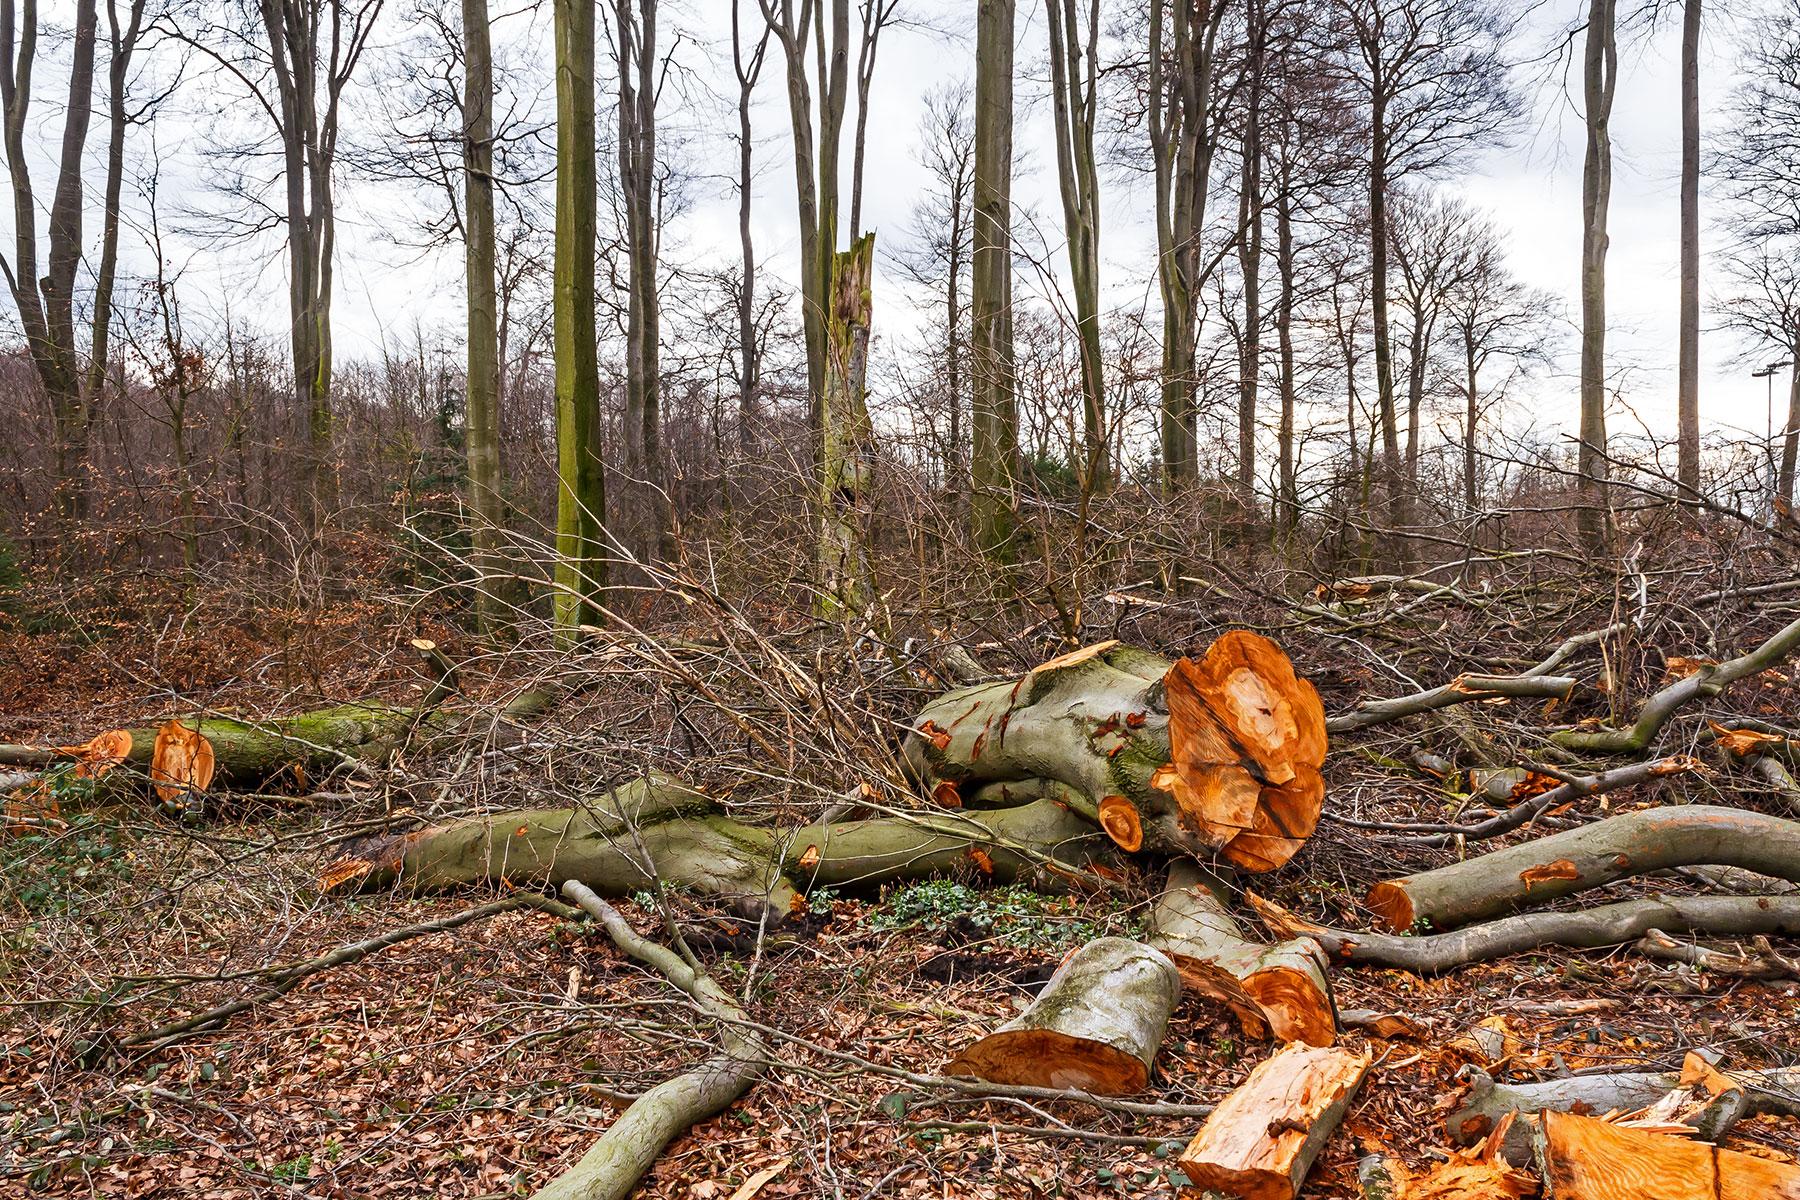 Naturschutz in Bottrop: inmitten der Verwüstung ein alter Hochstubben